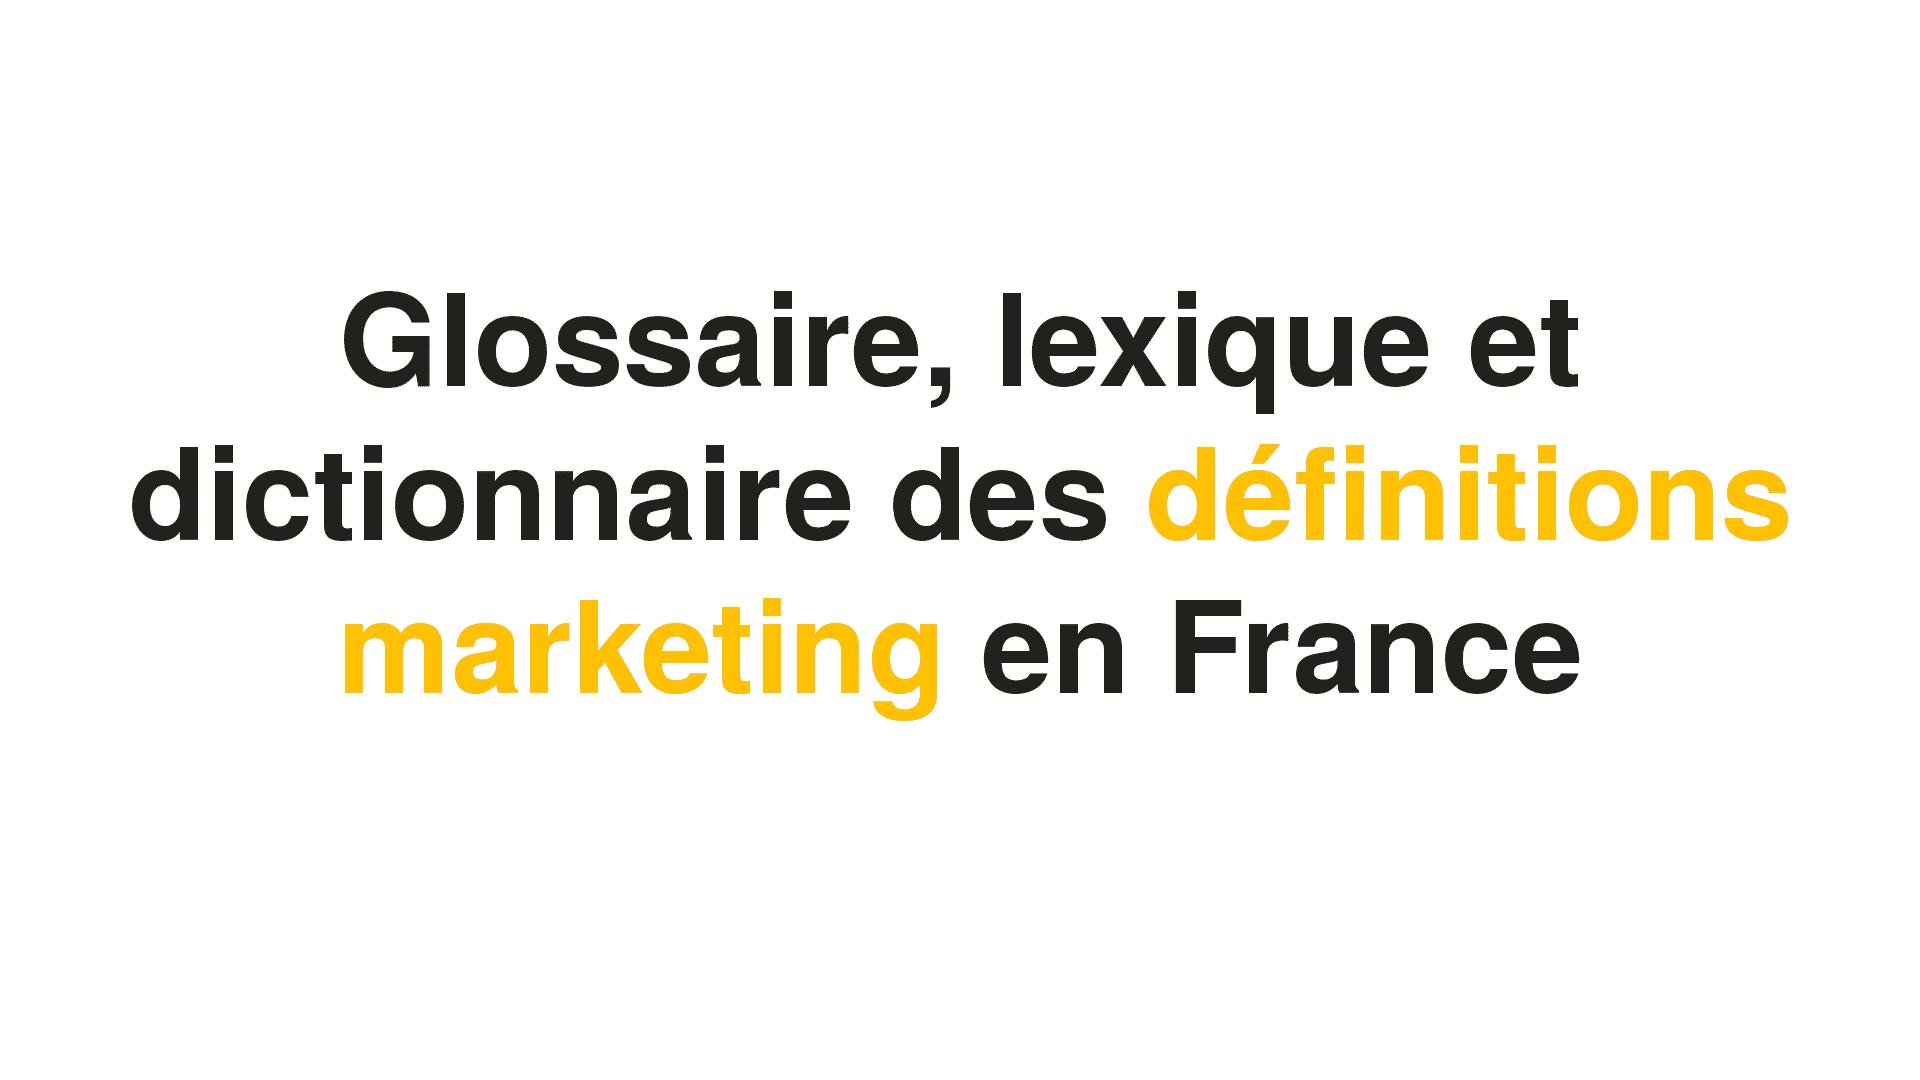 Une photo avec fond blanc montrant des définitions dans un lexique ou glossaire du dictionnaire du marketing avec une écriture noire.